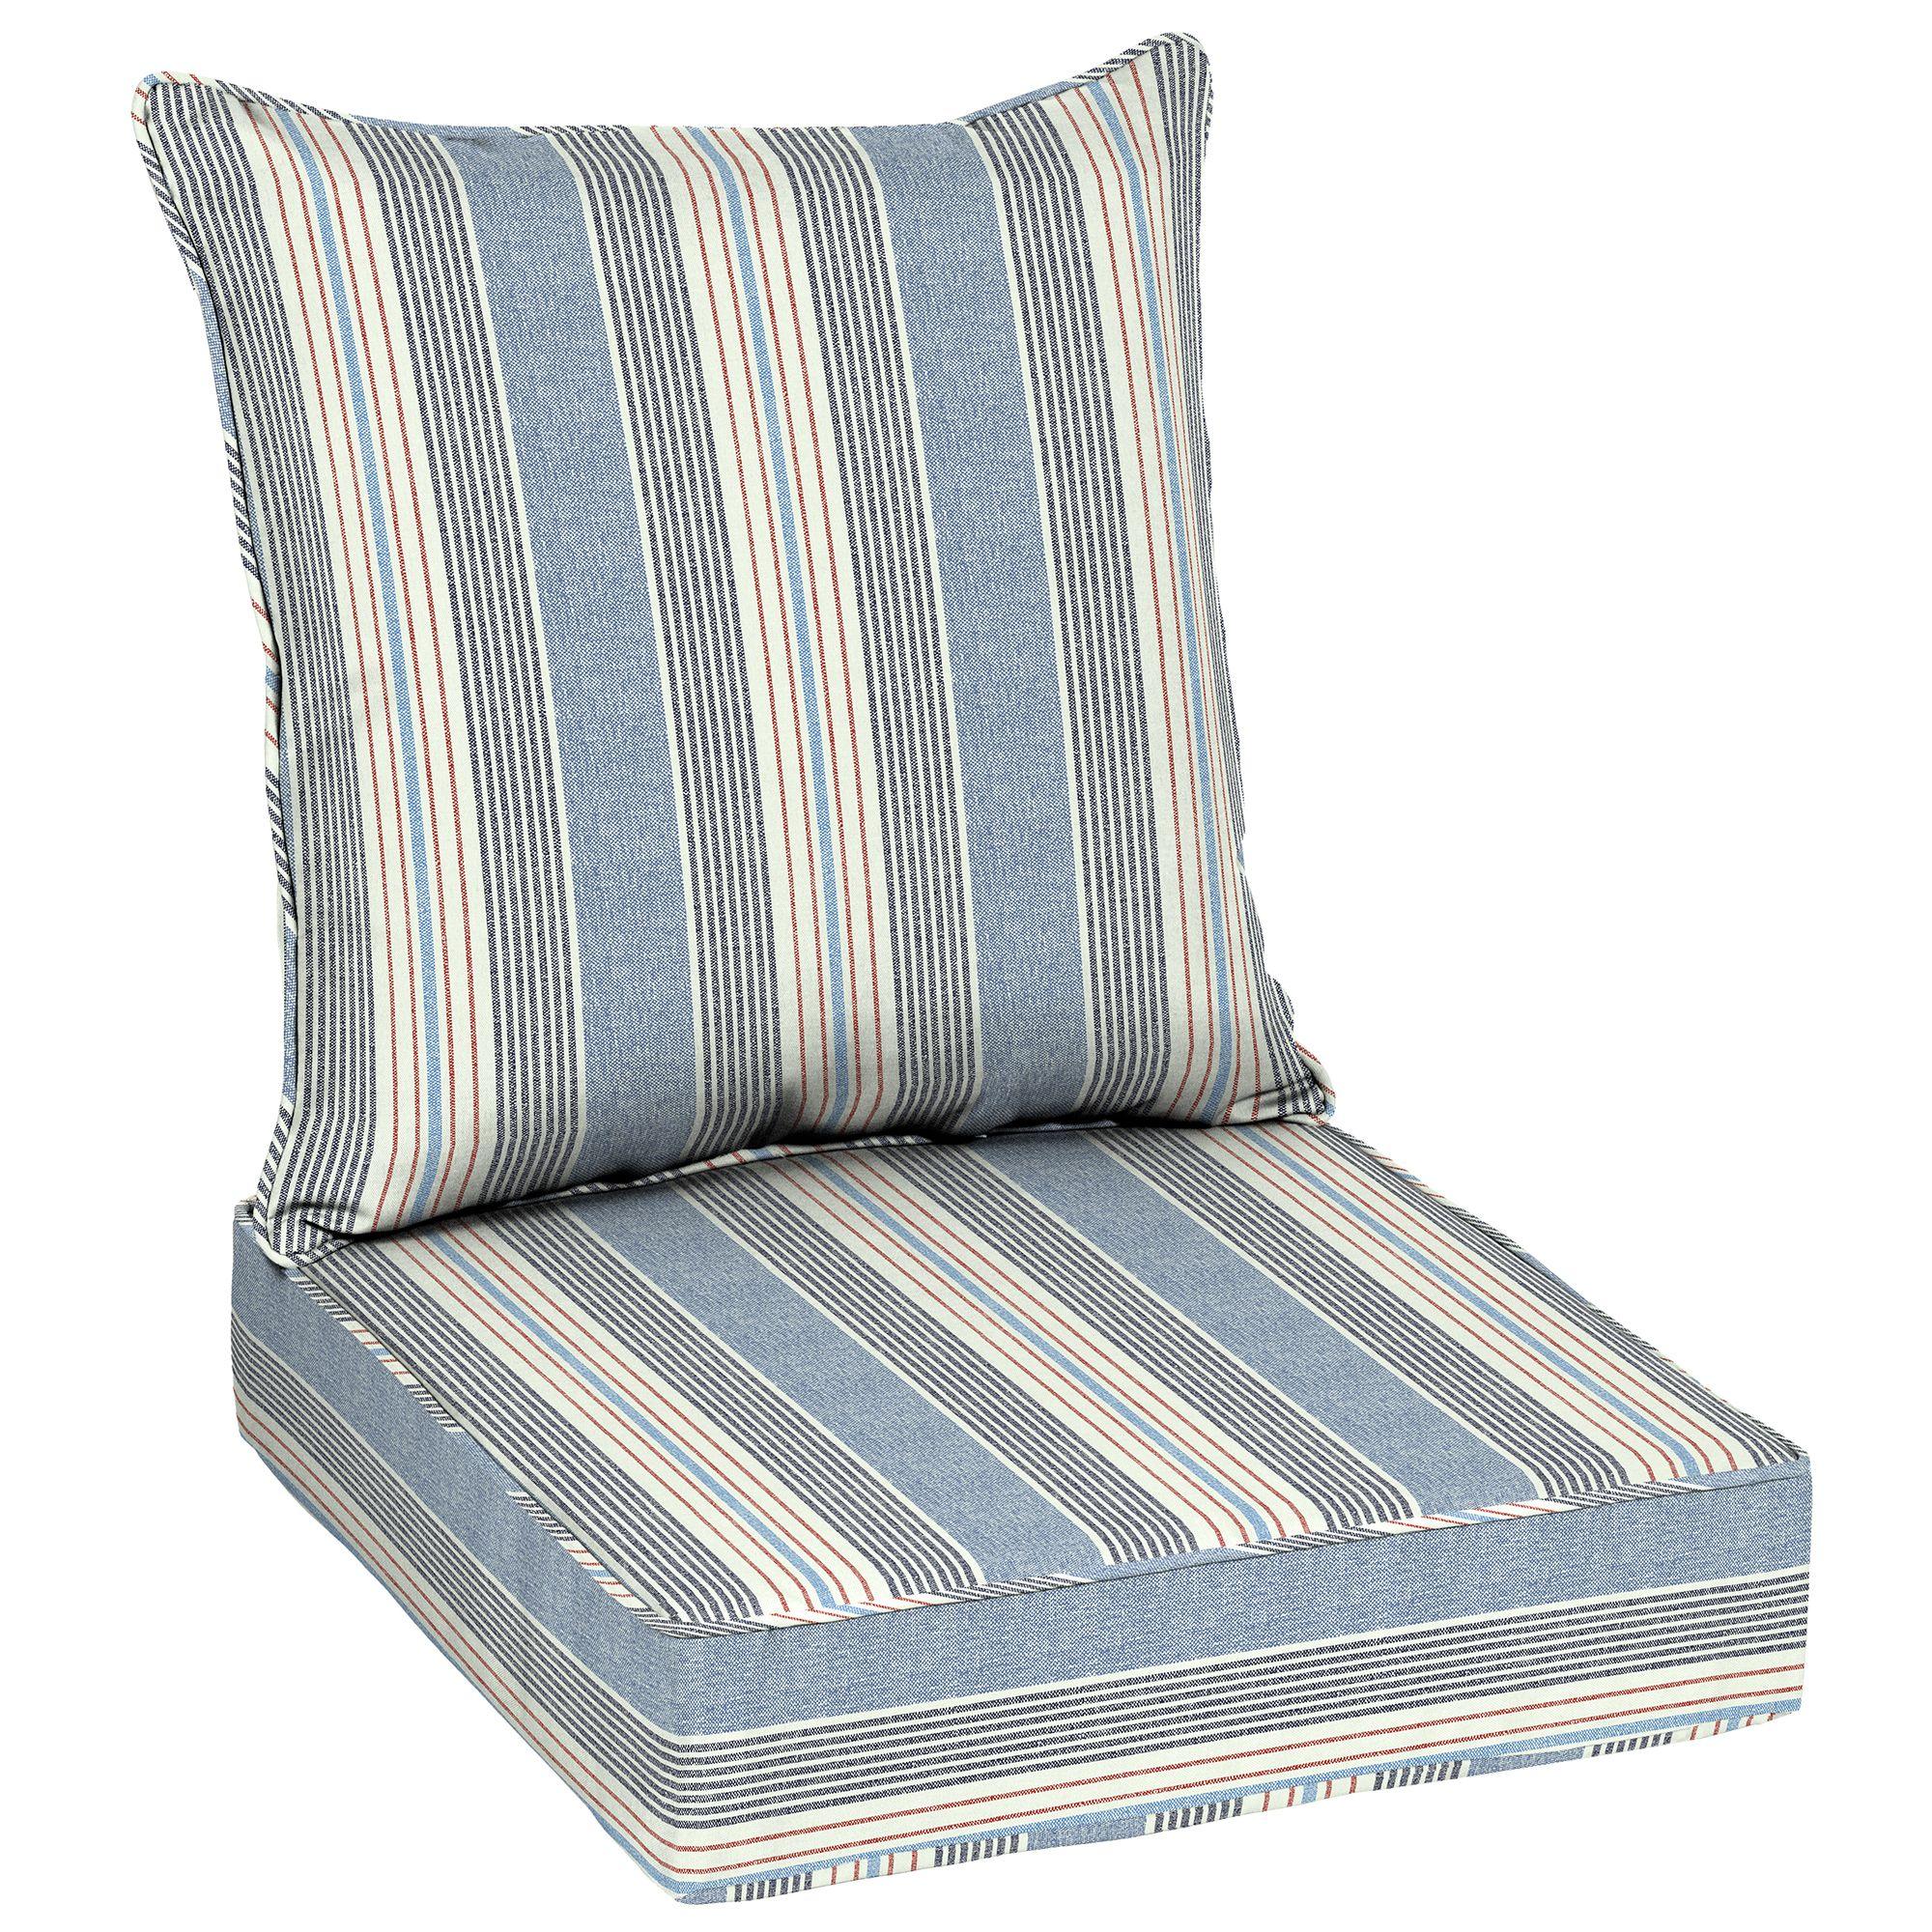 862db067b34d517c34d2480968d11e85 - Better Homes And Gardens Deep Seat Pillow Back